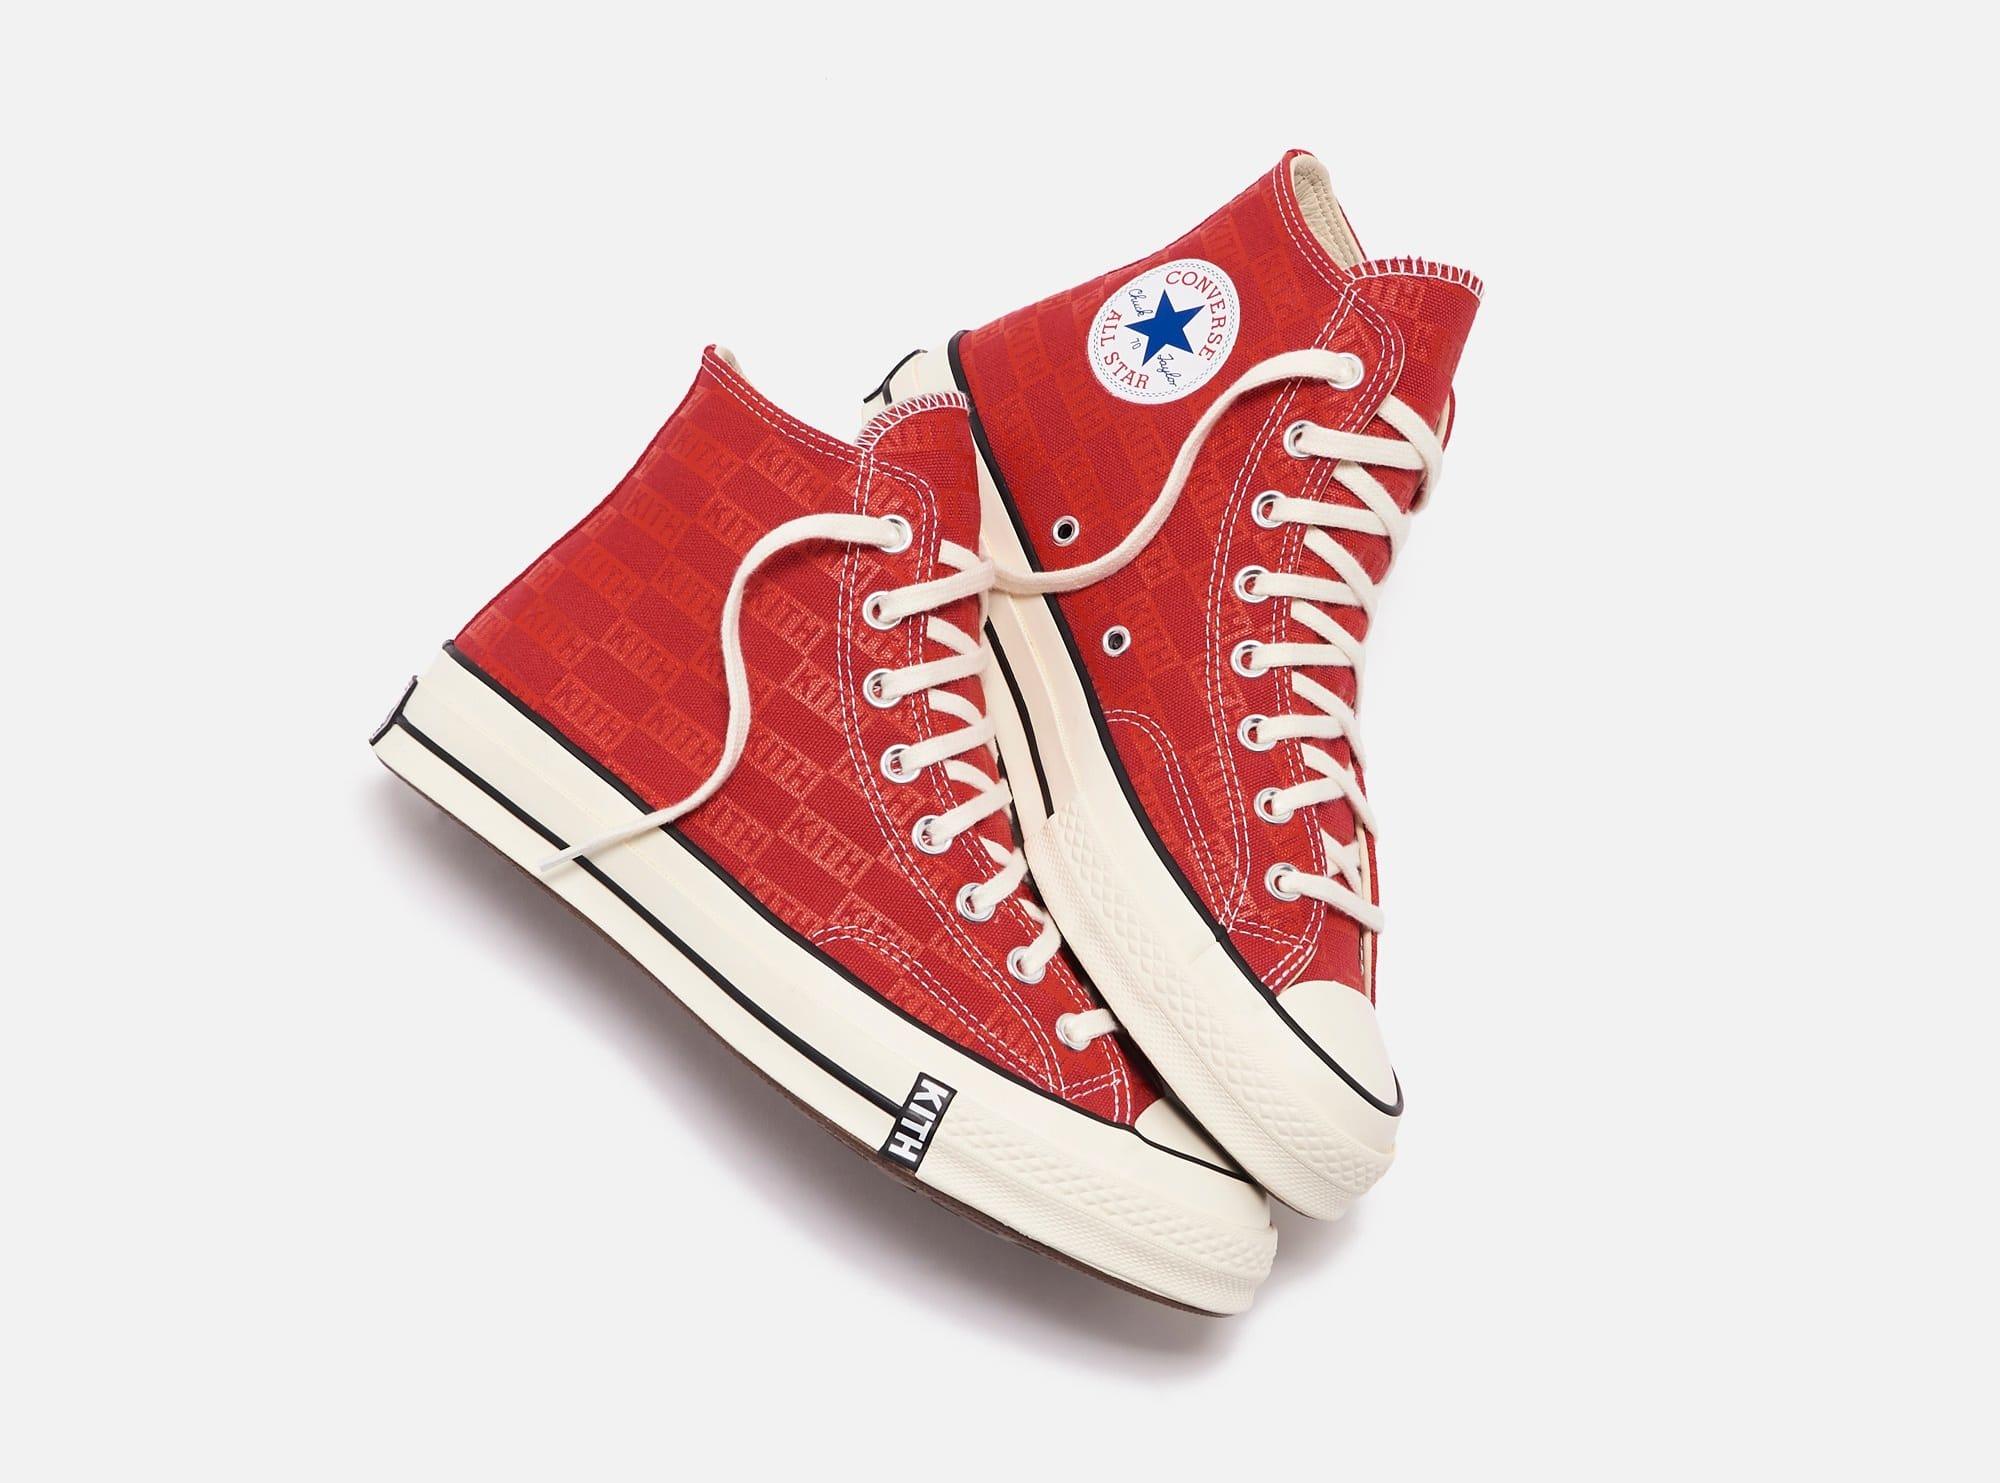 Kith x Converse Chuck 70 'Red' (Pair)